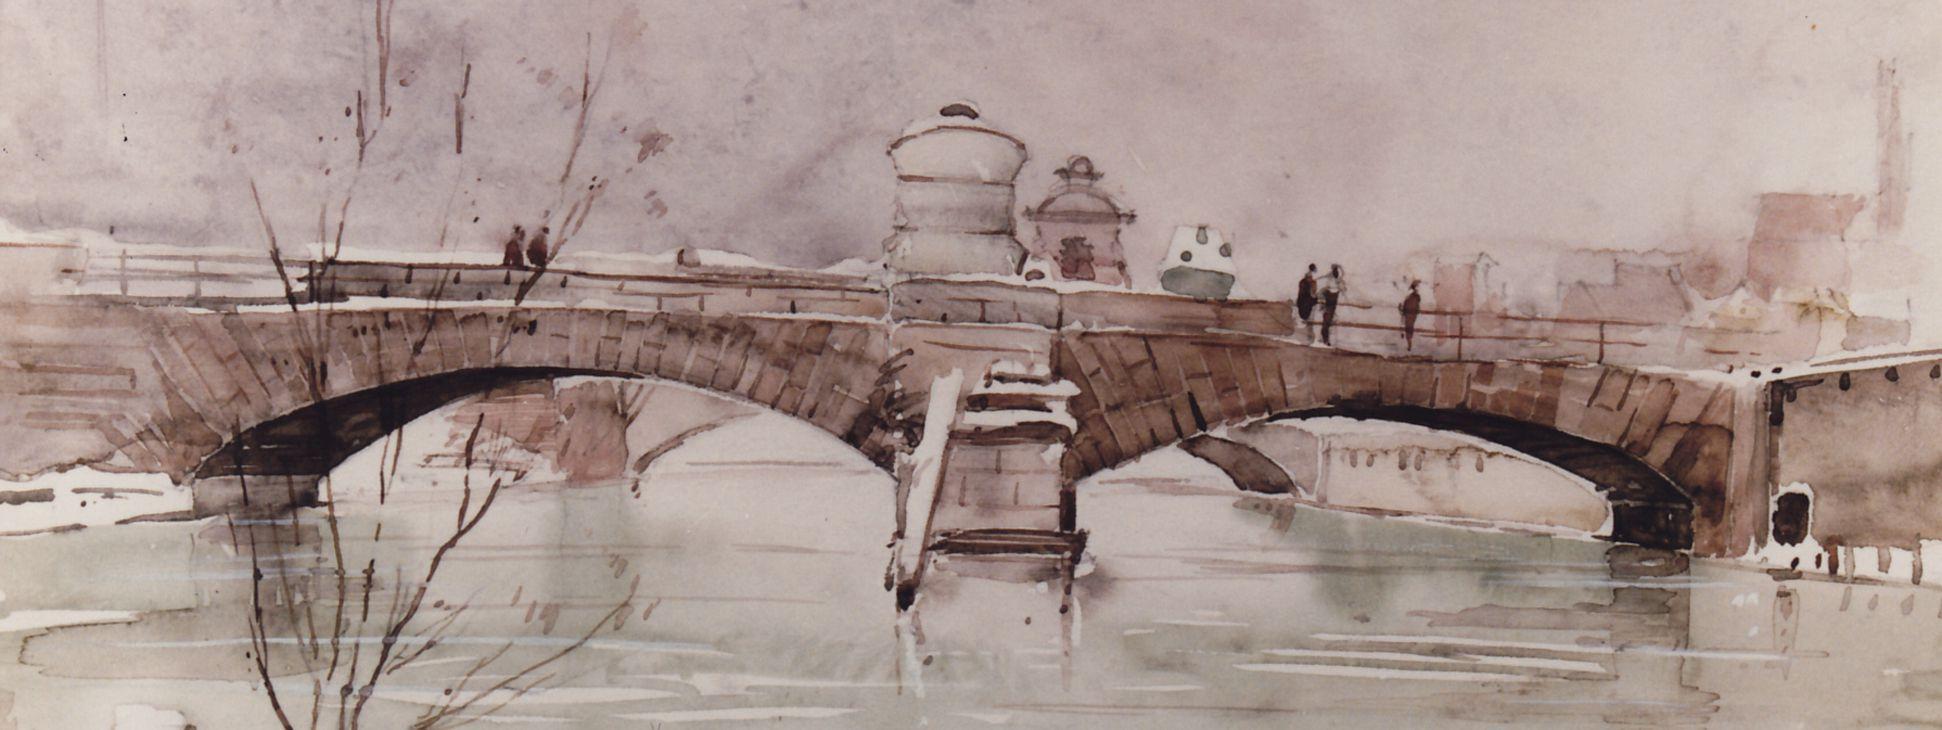 Museumsbrücke vom Heilig-Geist-Spital aus gesehen mittleres Bildfeld